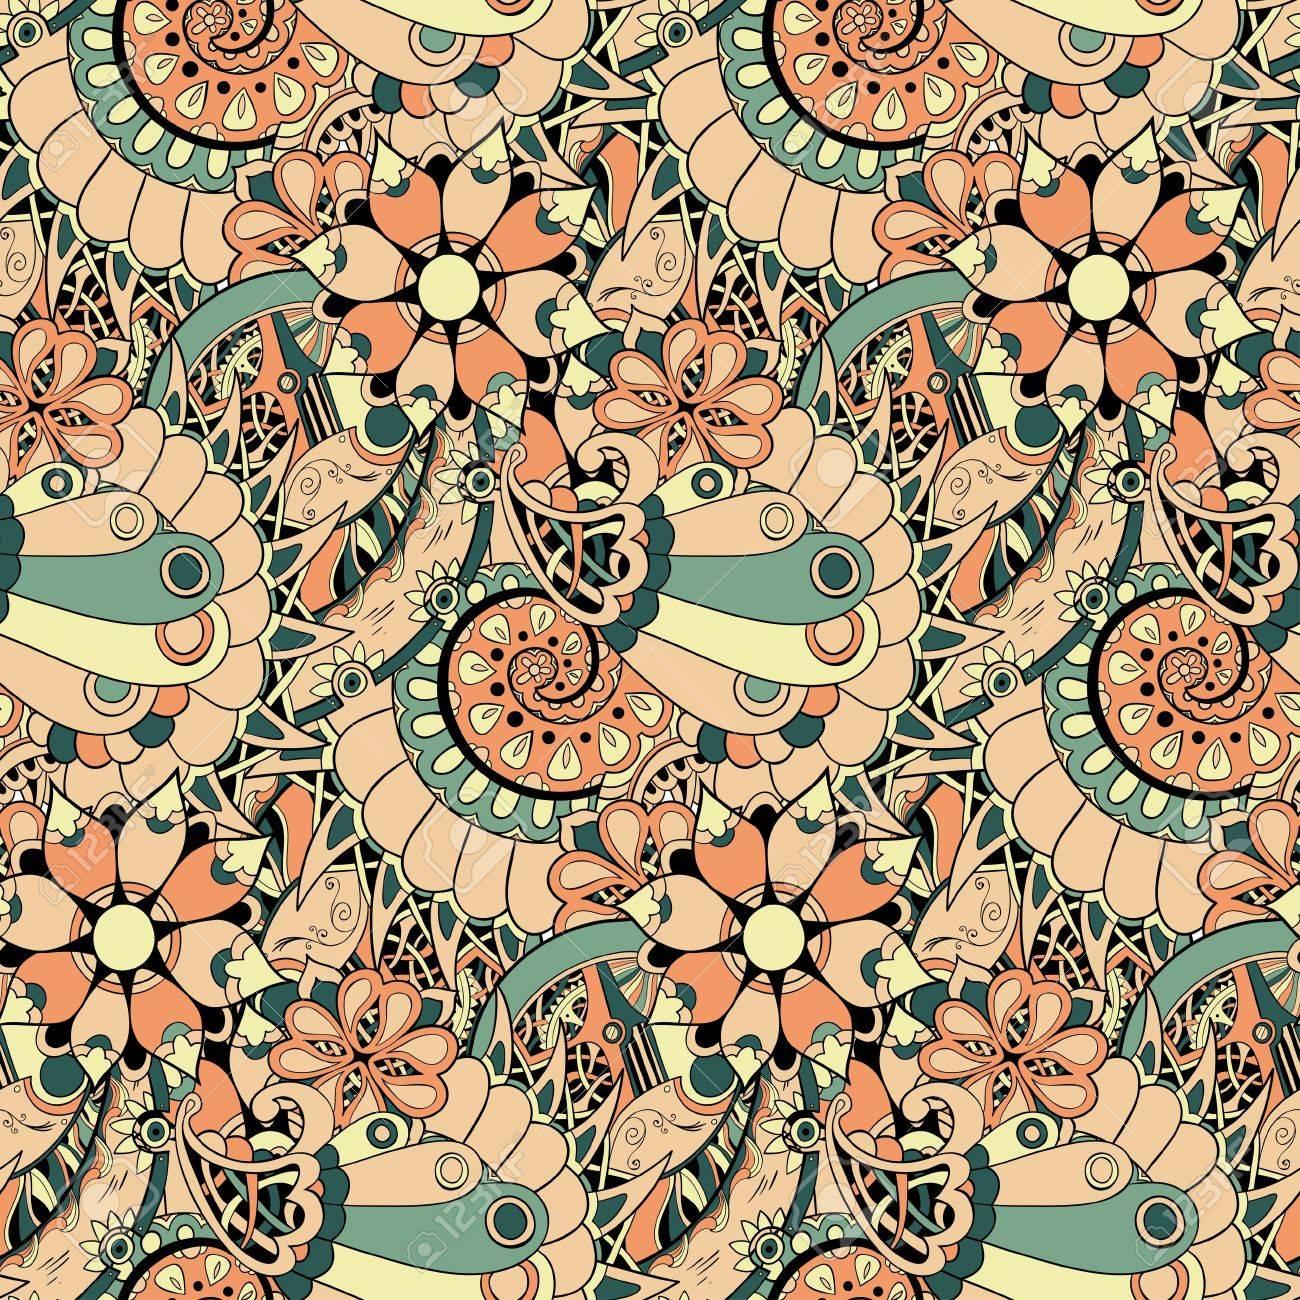 花機構スチーム パンクなシームレスなベクター パターンに壁紙 パターンの塗りつぶし Web ページの背景 表面のテクスチャを使用できます のイラスト素材 ベクタ Image